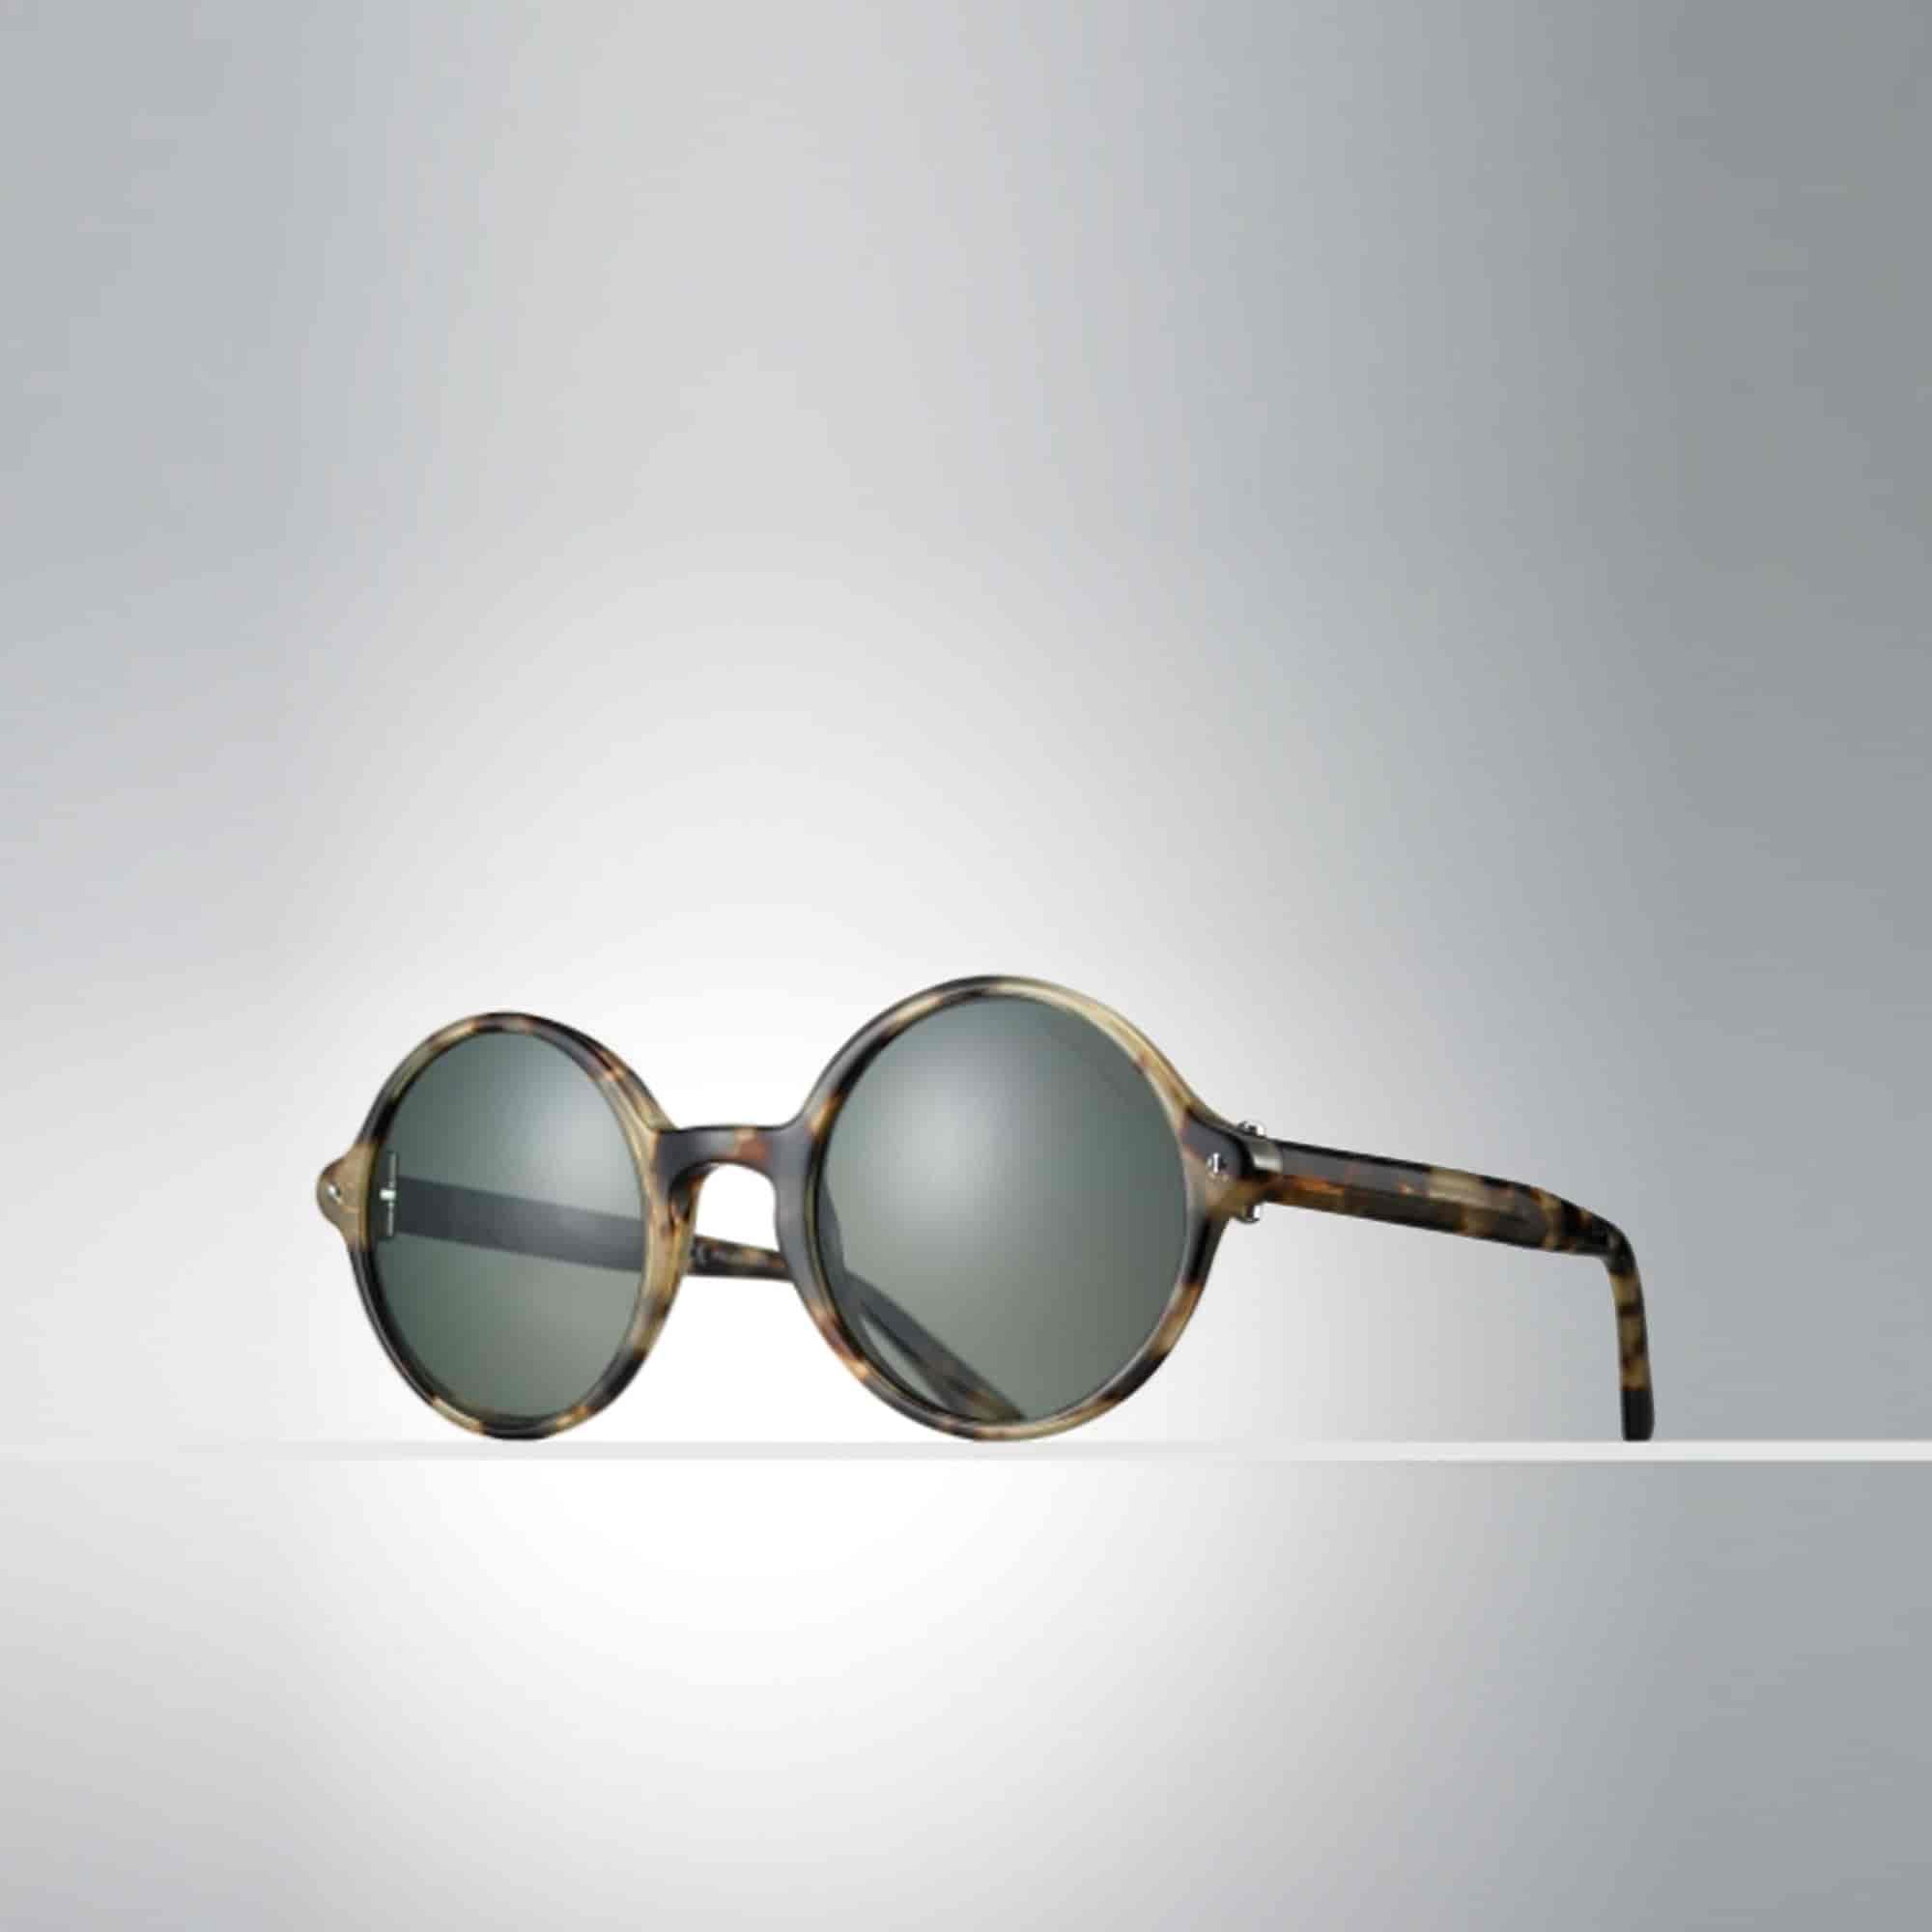 Ralph Lauren Sunglasses Men  ralph lauren round men sunglasses yellow havana 2955268